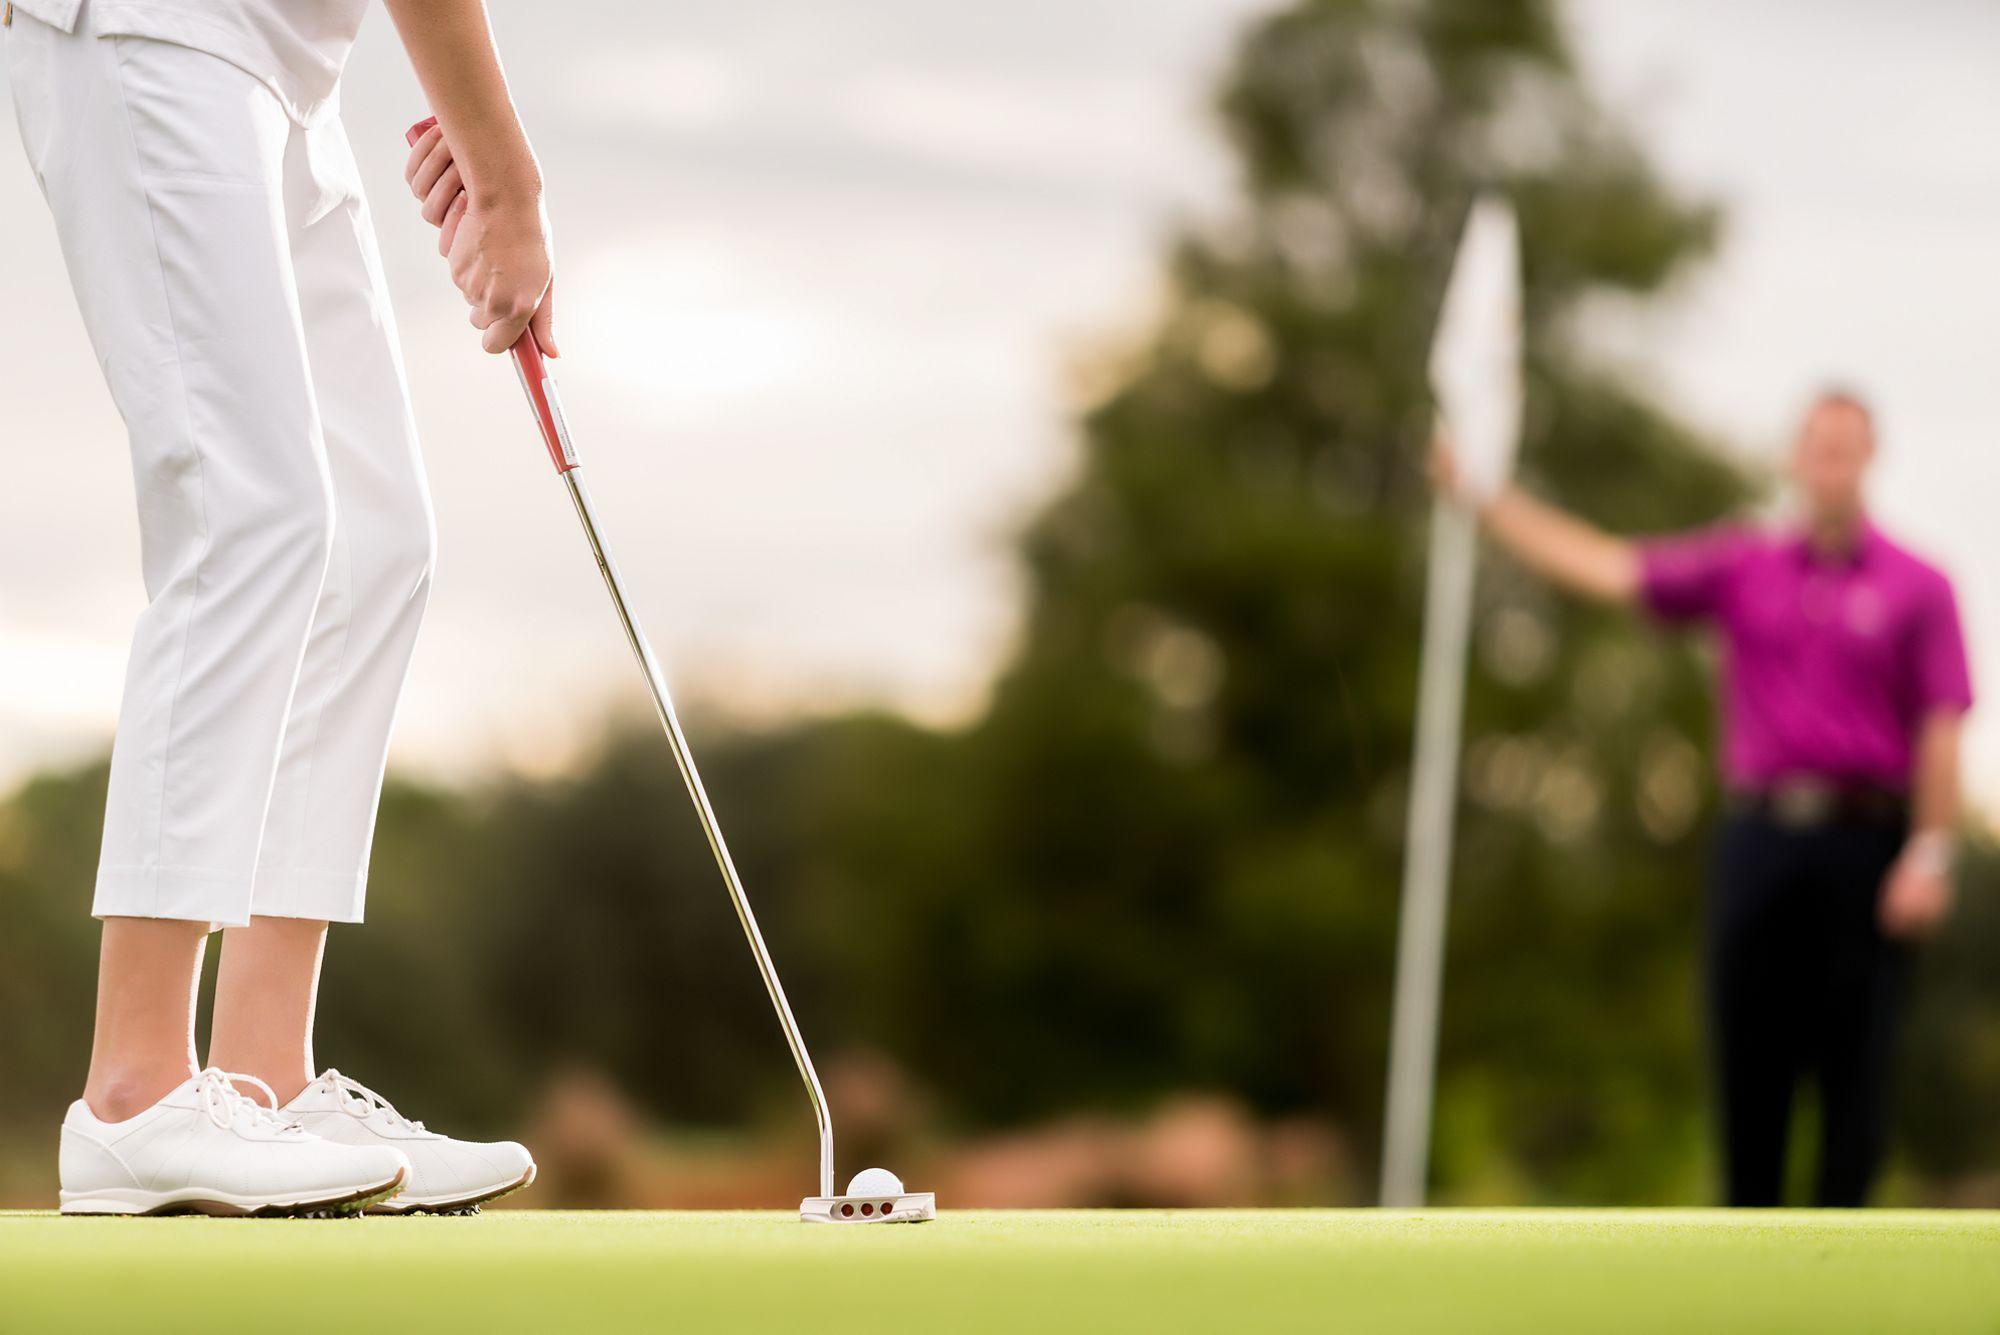 rcng_golf_details009-ritzcarlton-h-assetsadobe-com